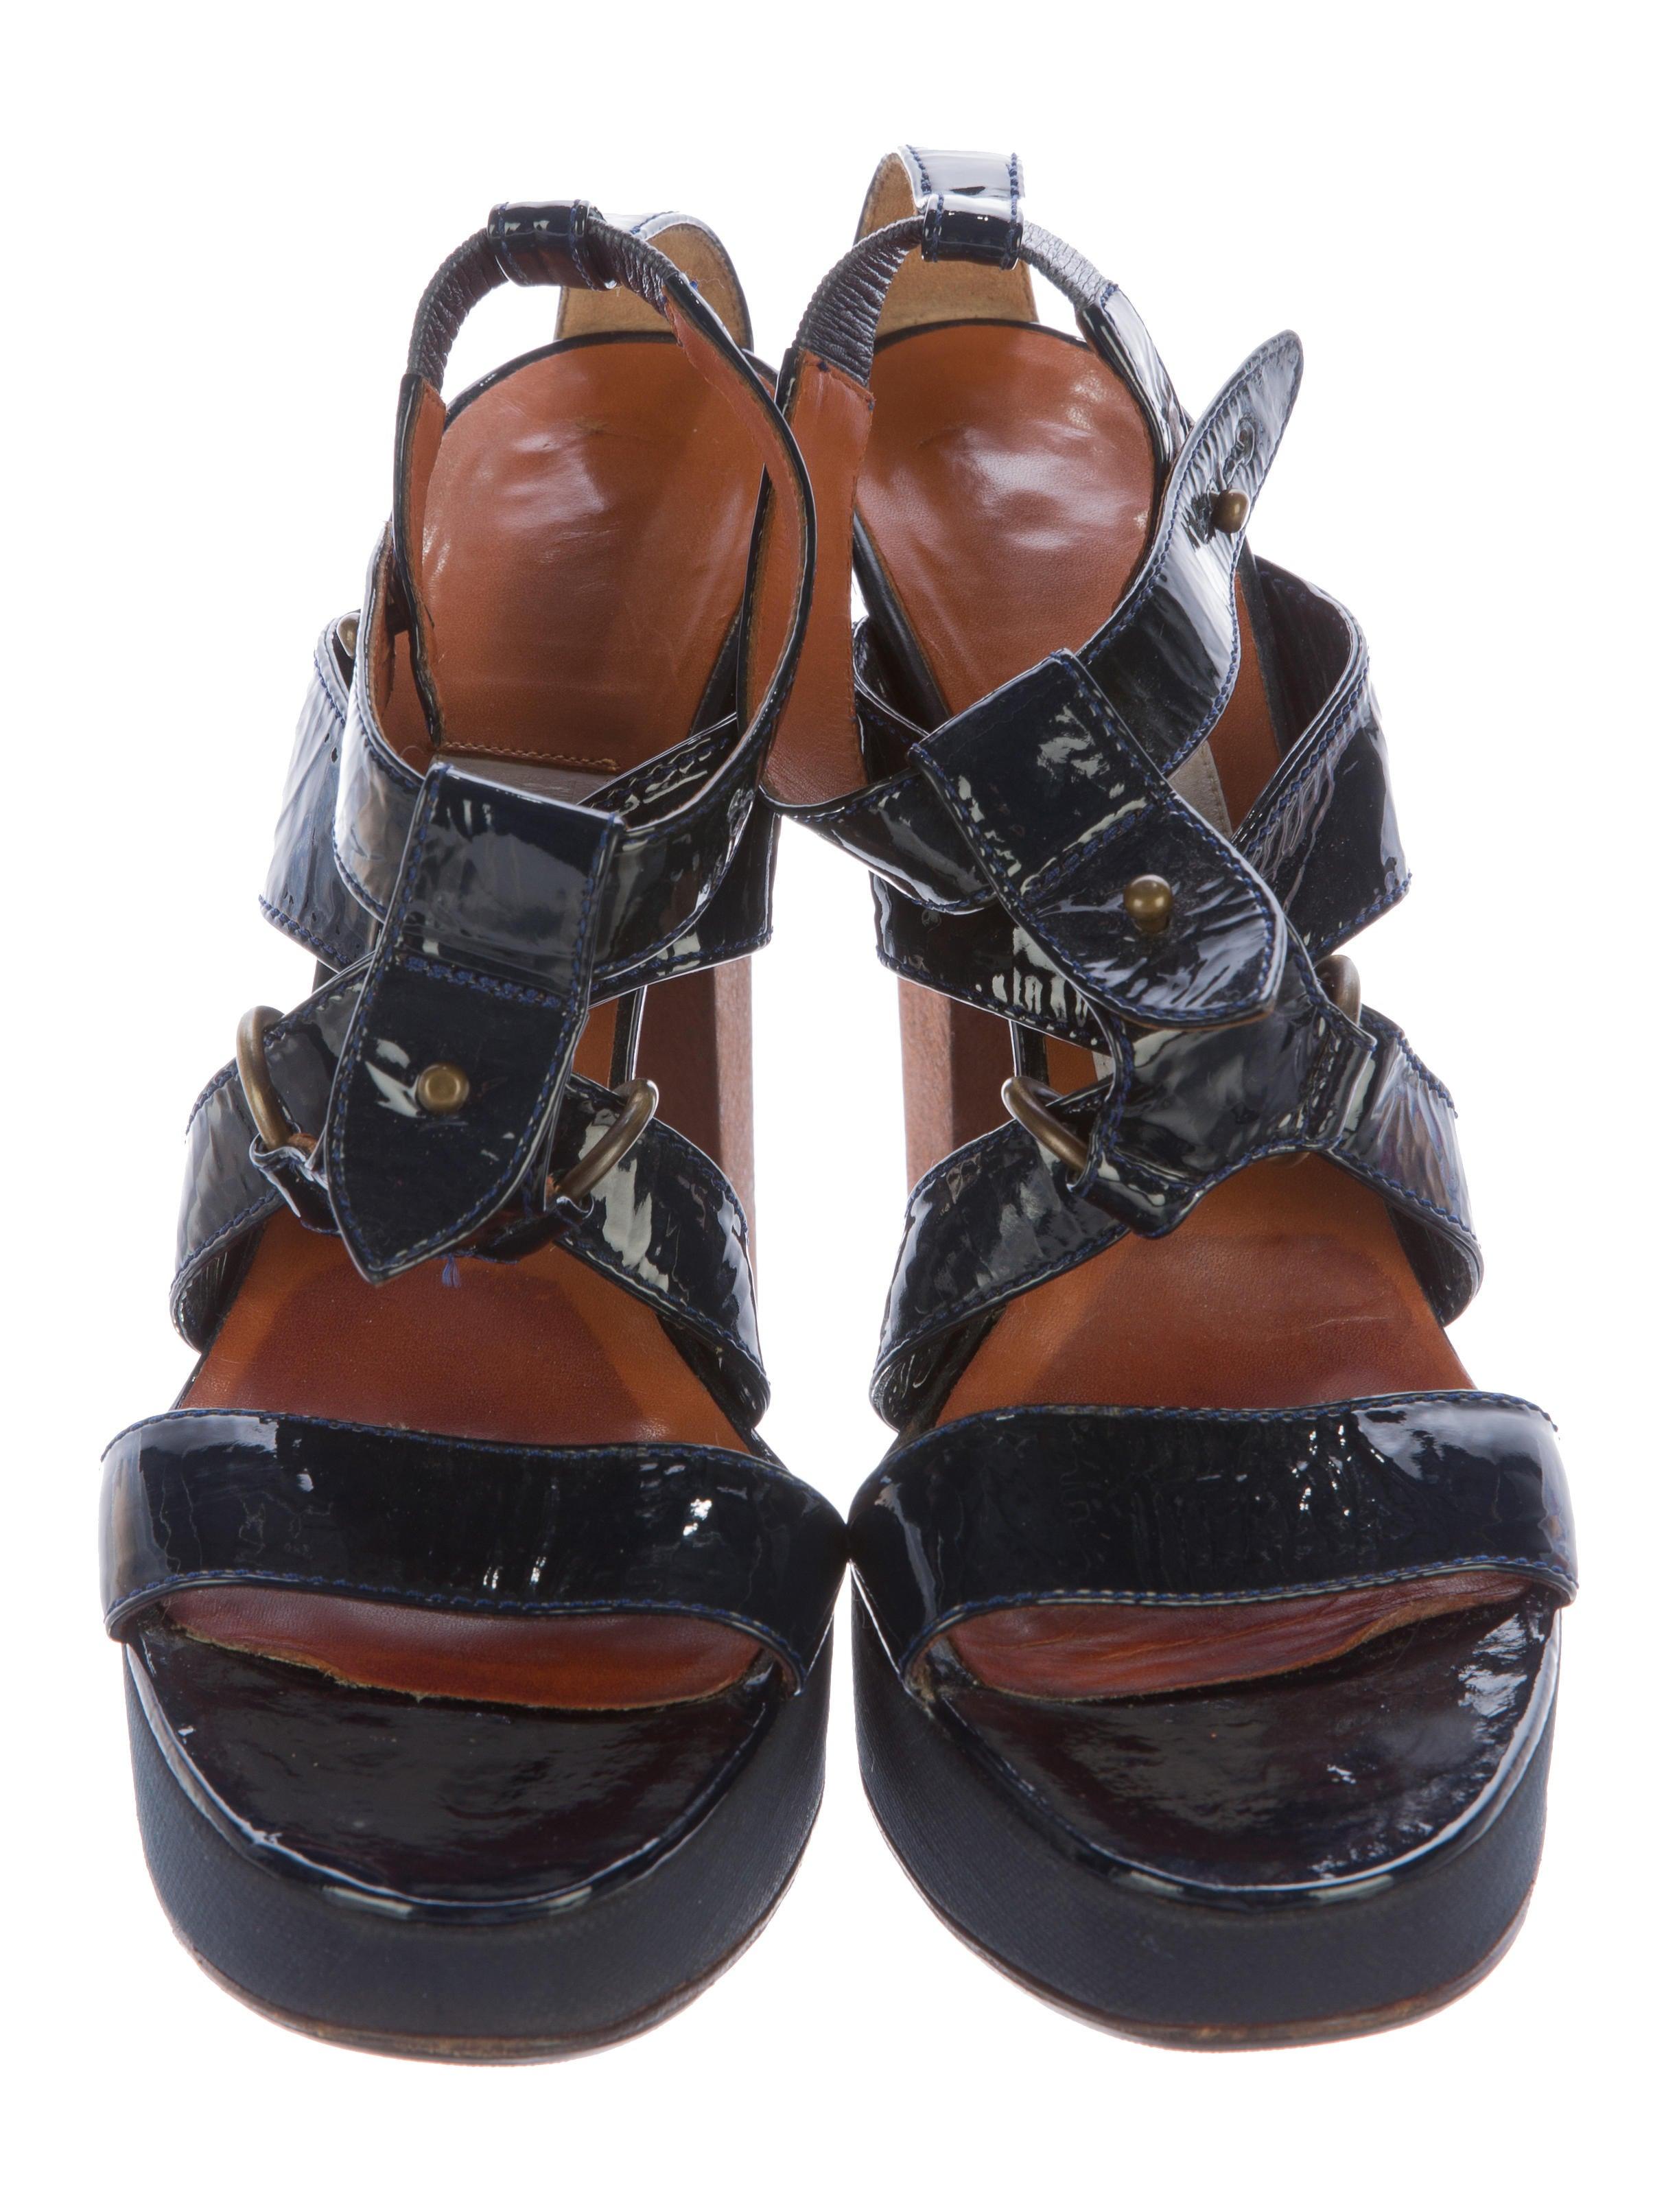 lanvin patent leather platform sandals shoes lan55631